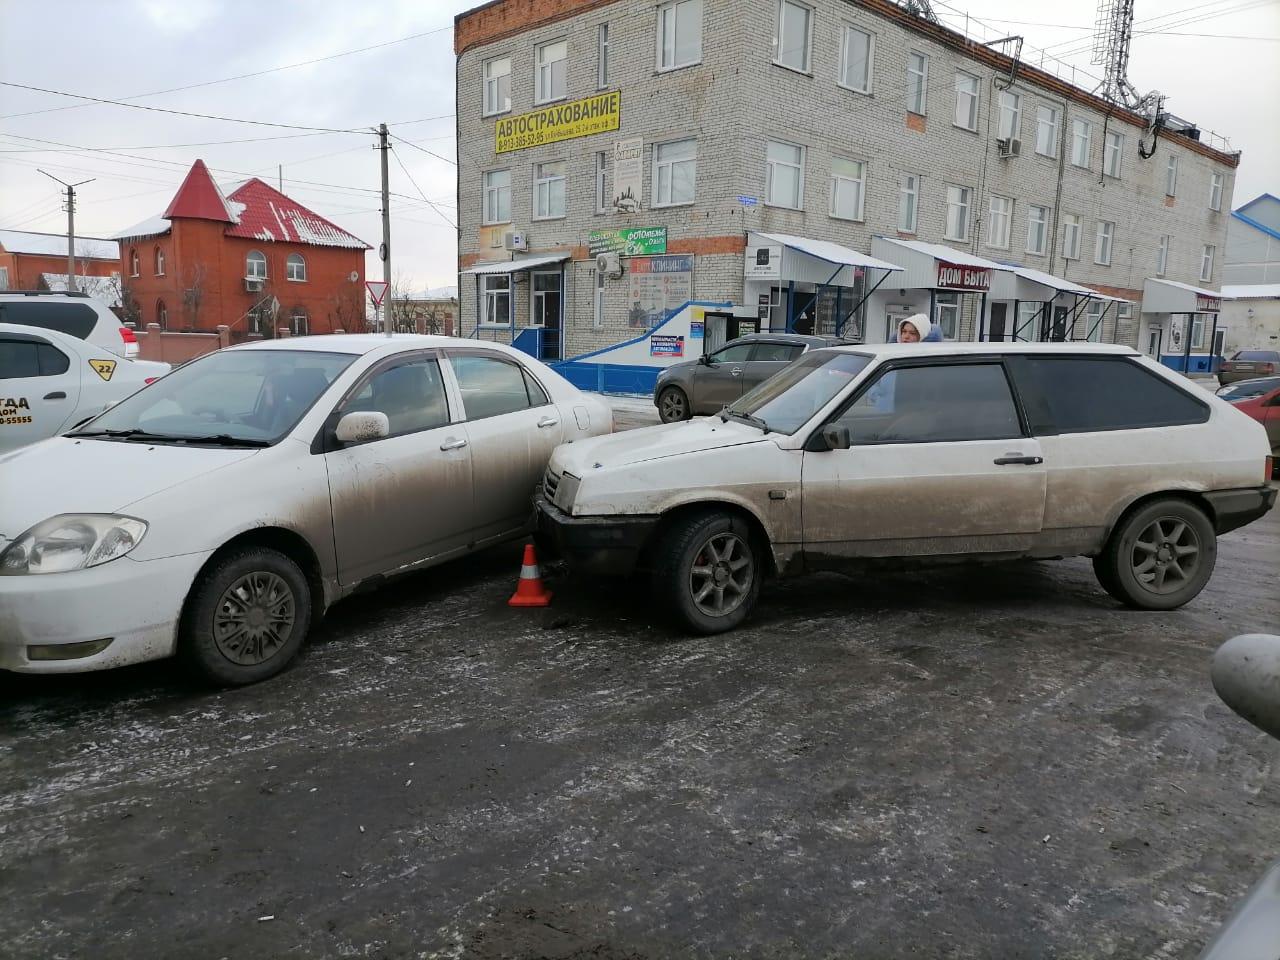 11 ДТП произошло в Куйбышевском районе с 10 по 16 ноября, и